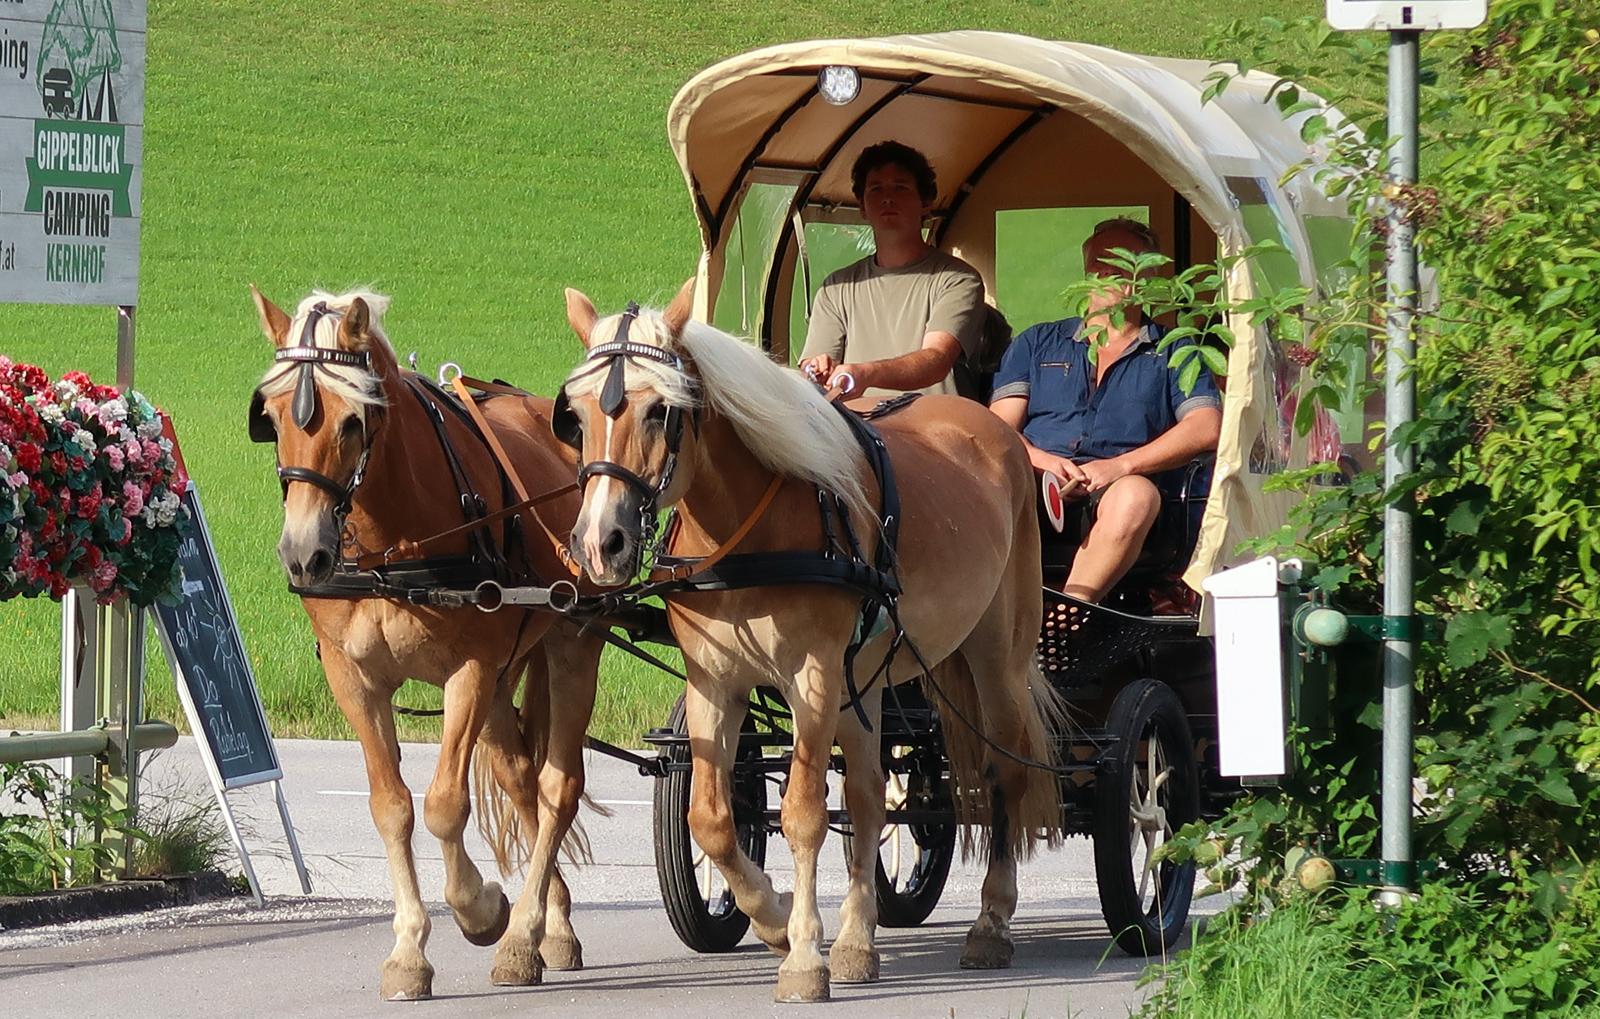 picknickfahrt-mit-kutschenwagen-bg1